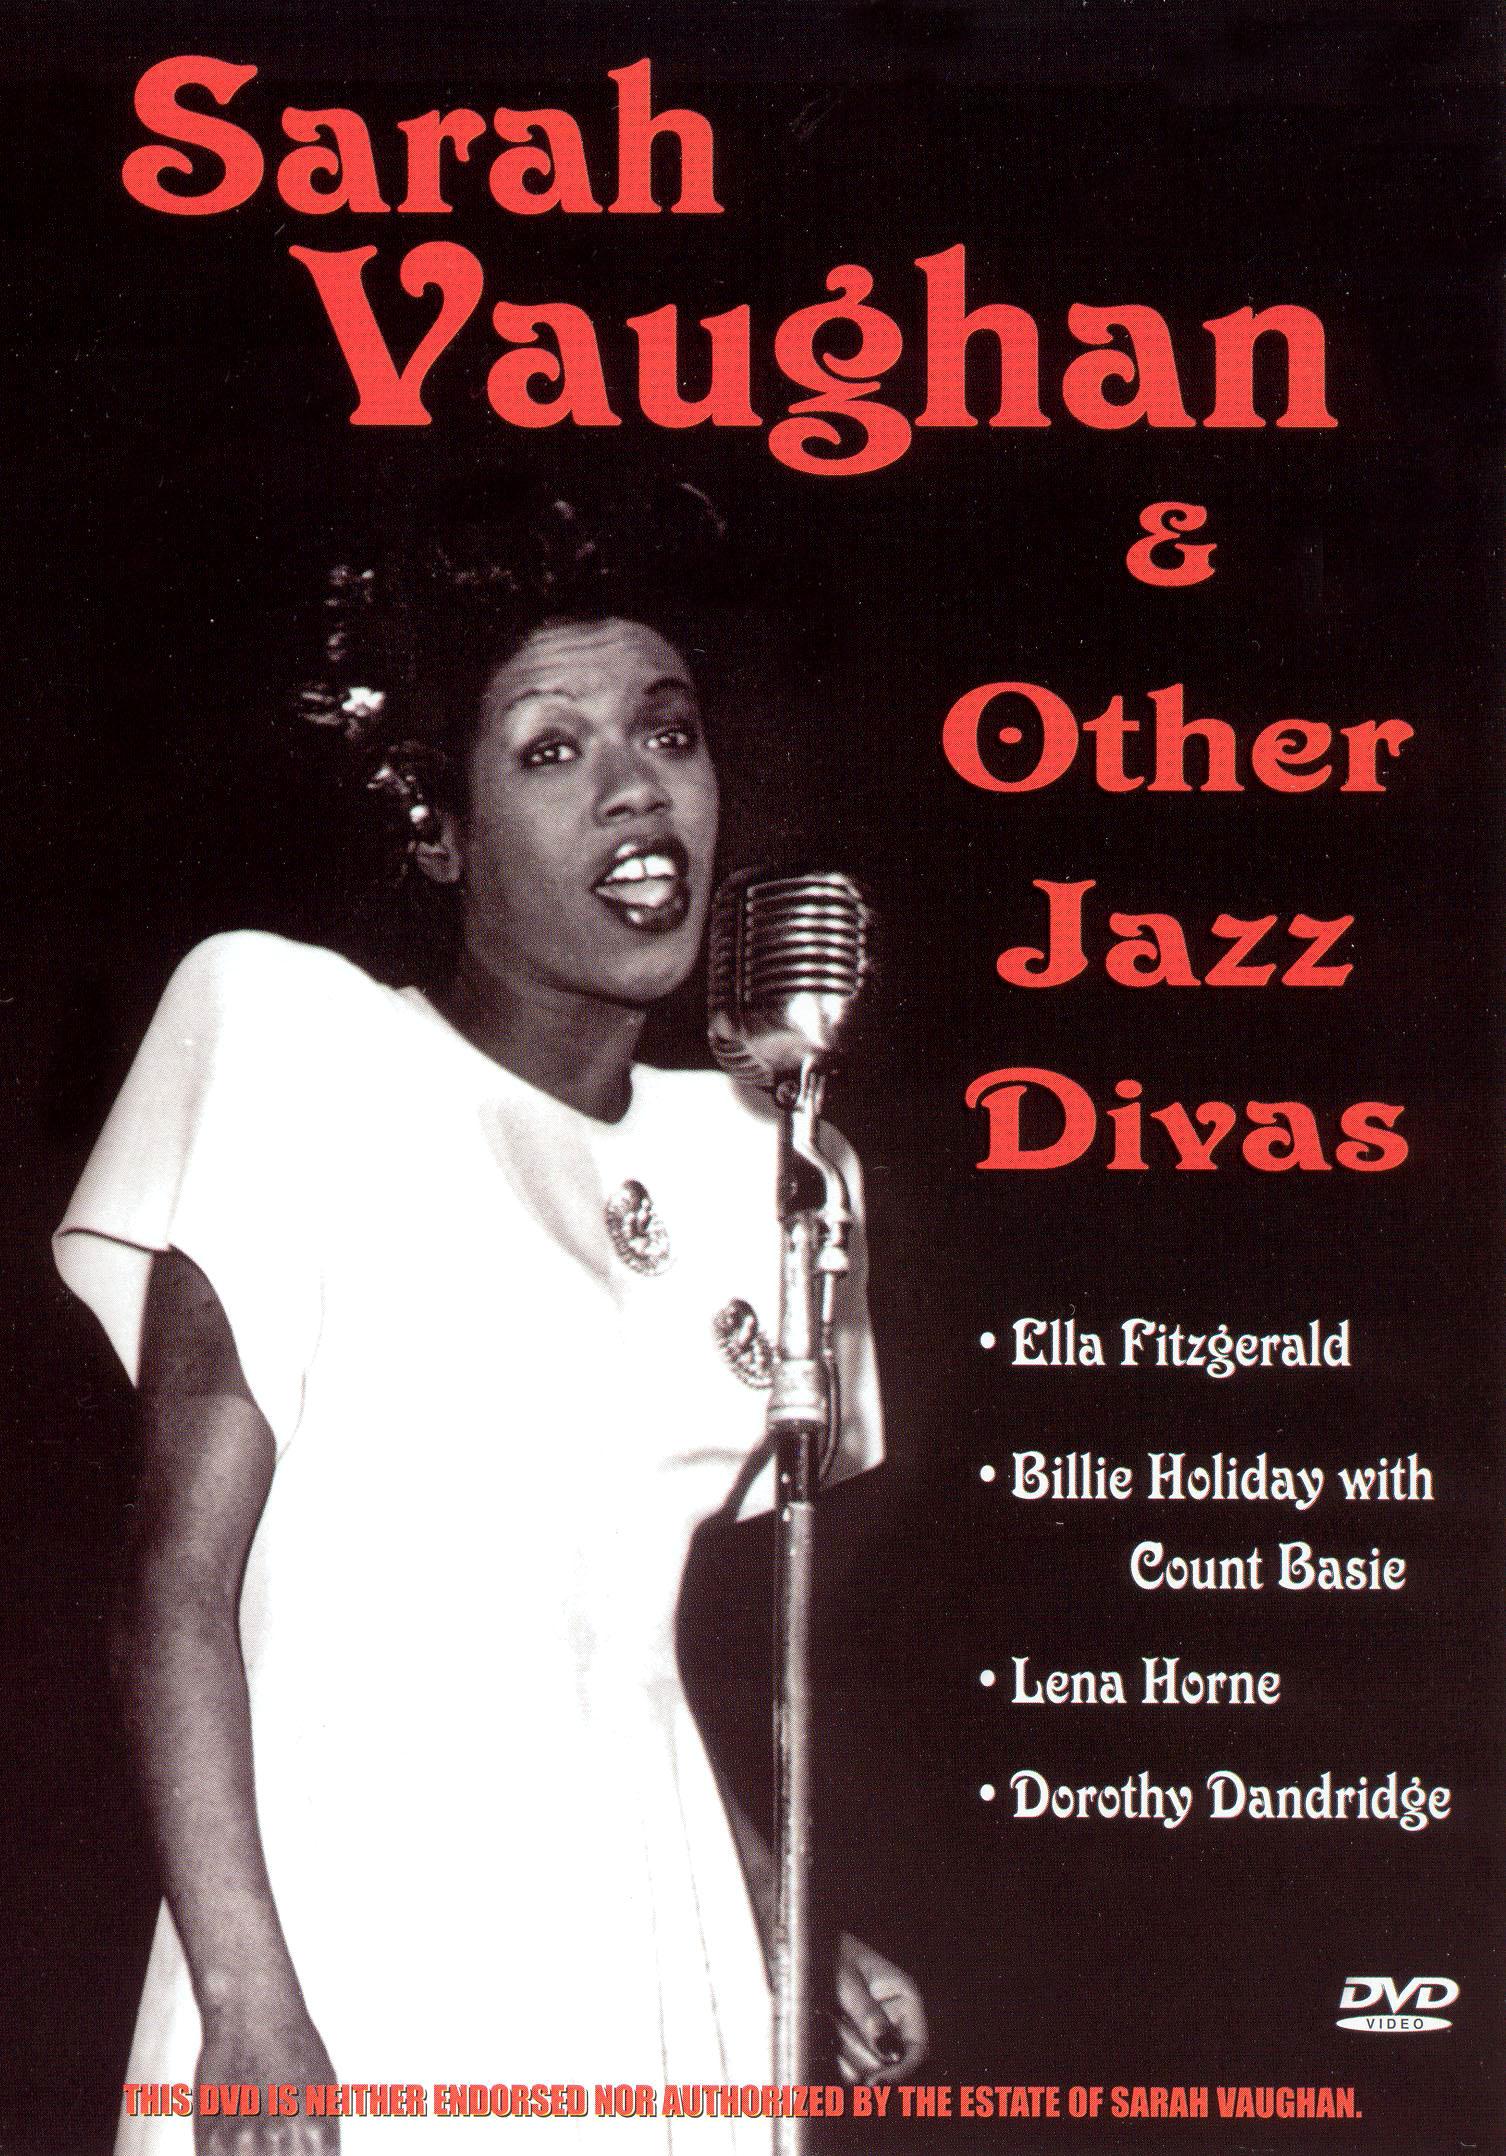 Sarah Vaughan and Other Jazz Divas